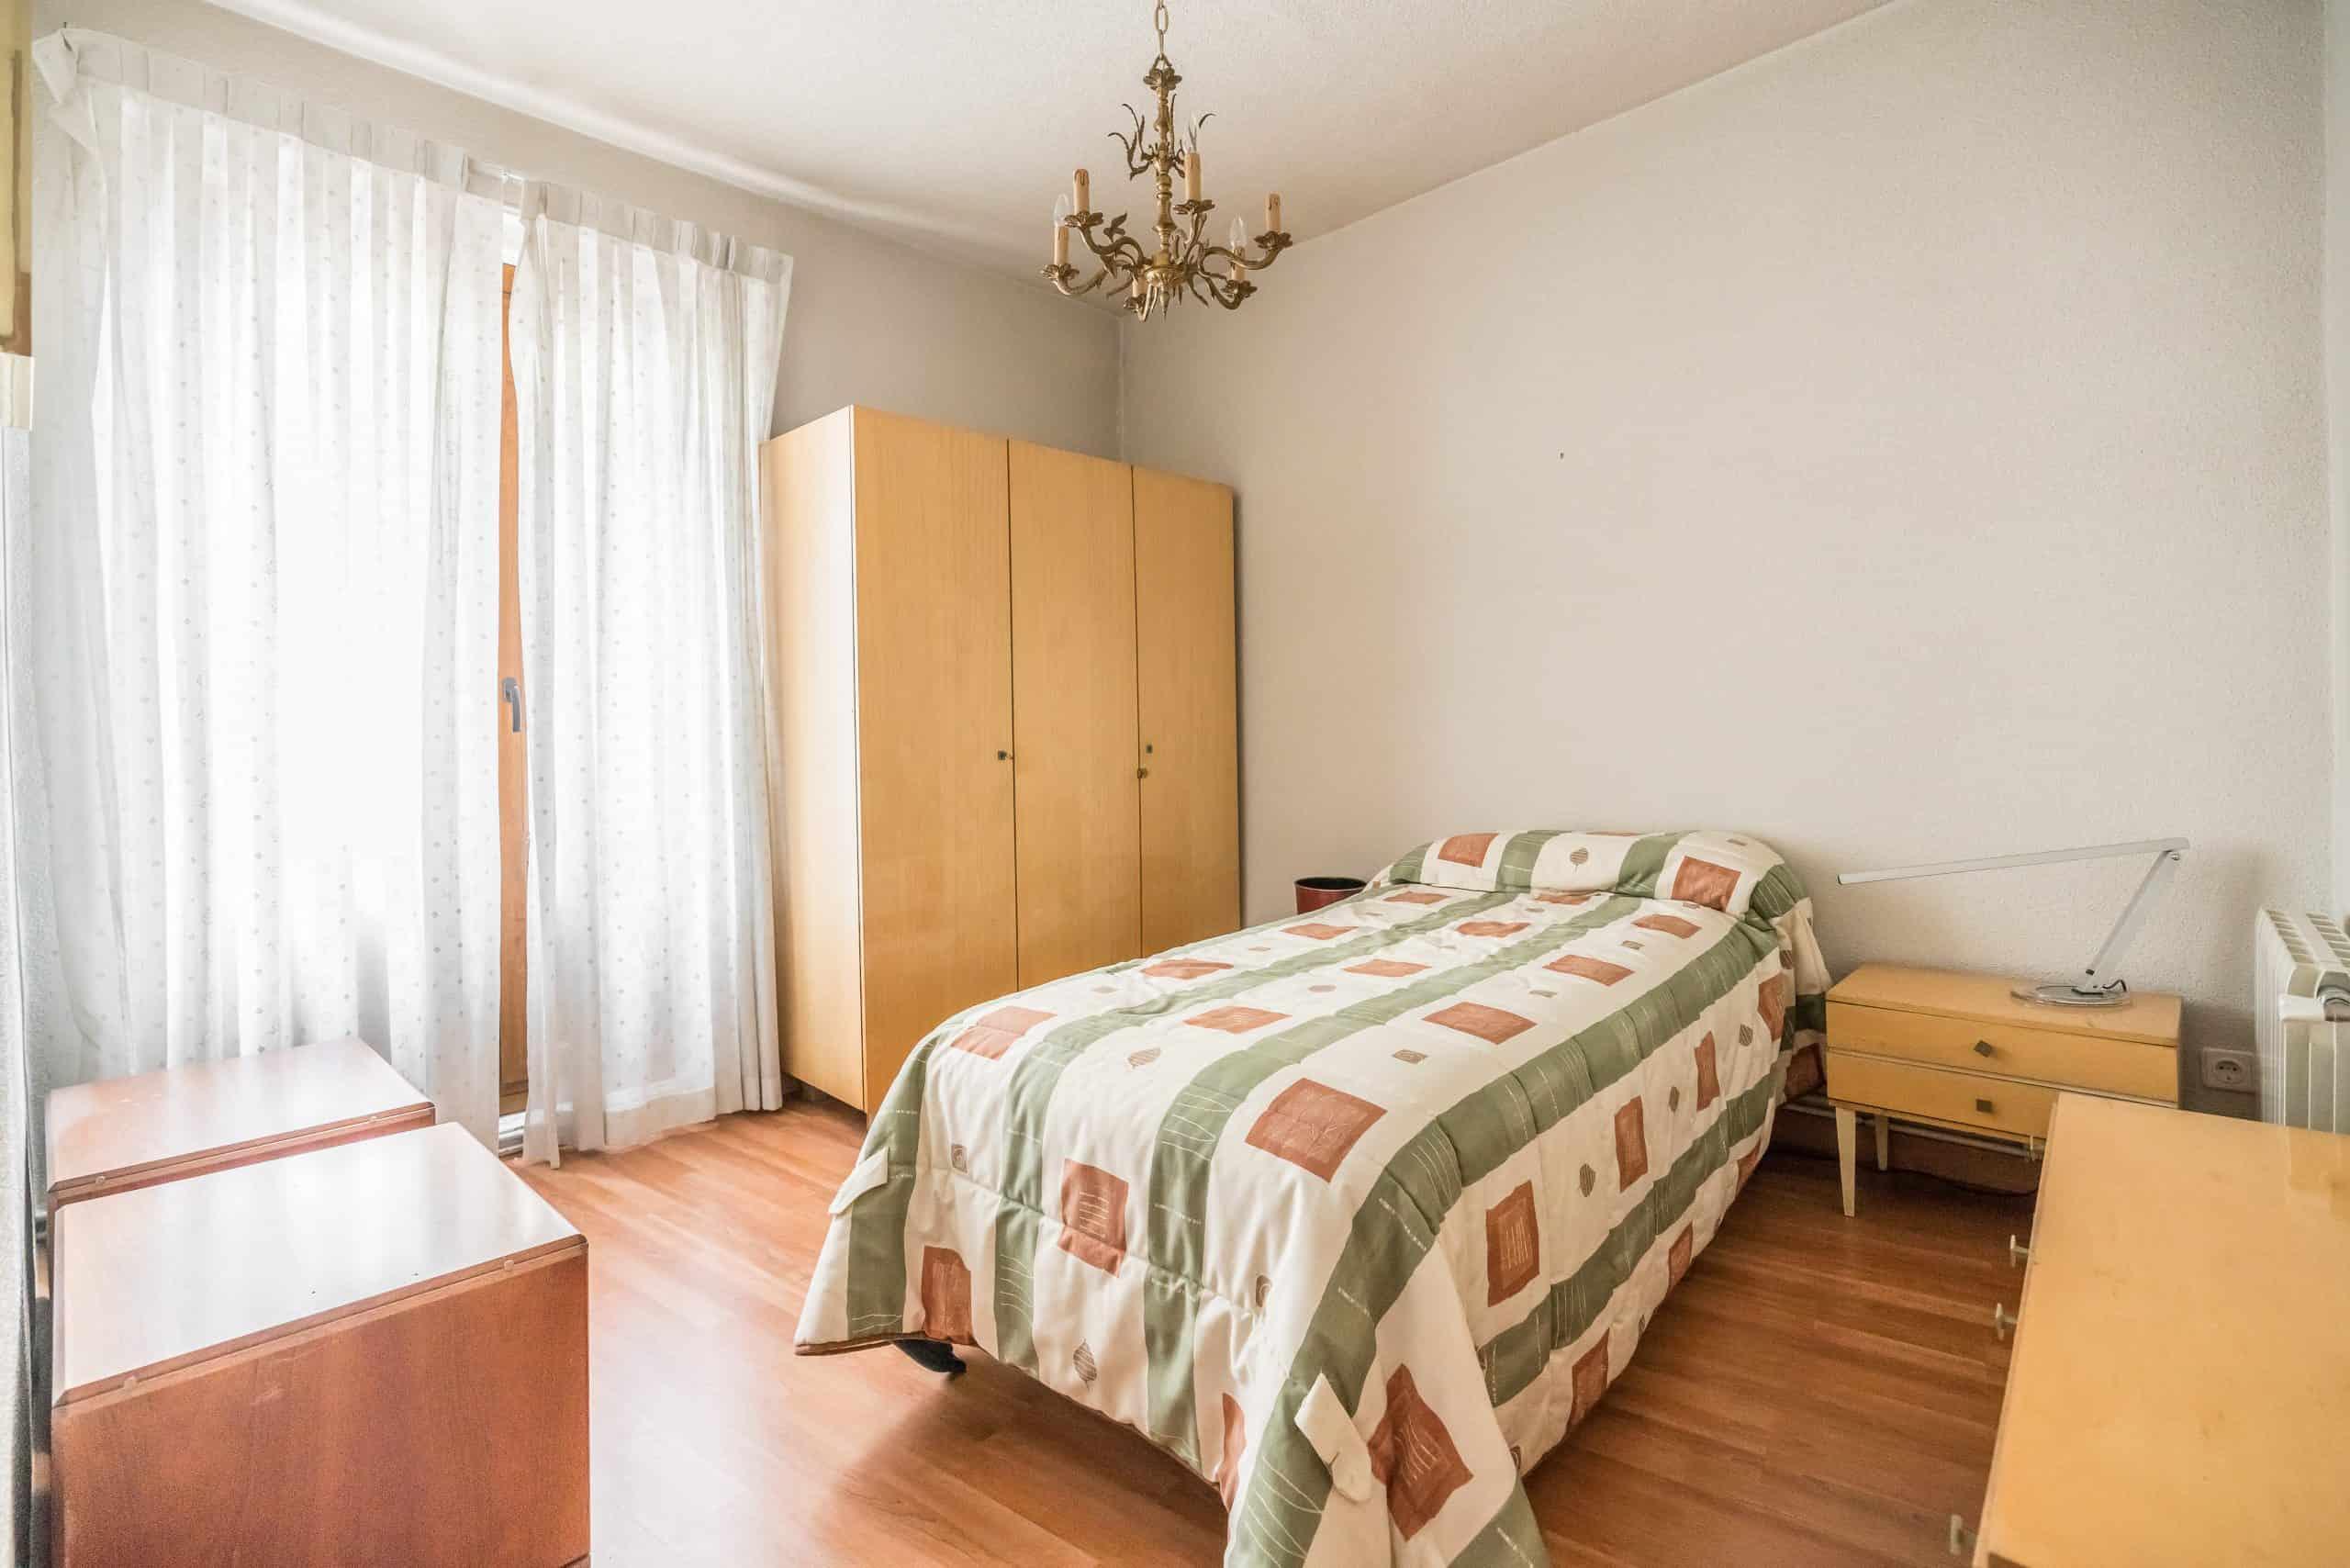 5 DORMITORIO3 (1) (Copy) Agencia Inmobiliaria de Madrid-FUTUROCASA-Zona ARGANZUELA-